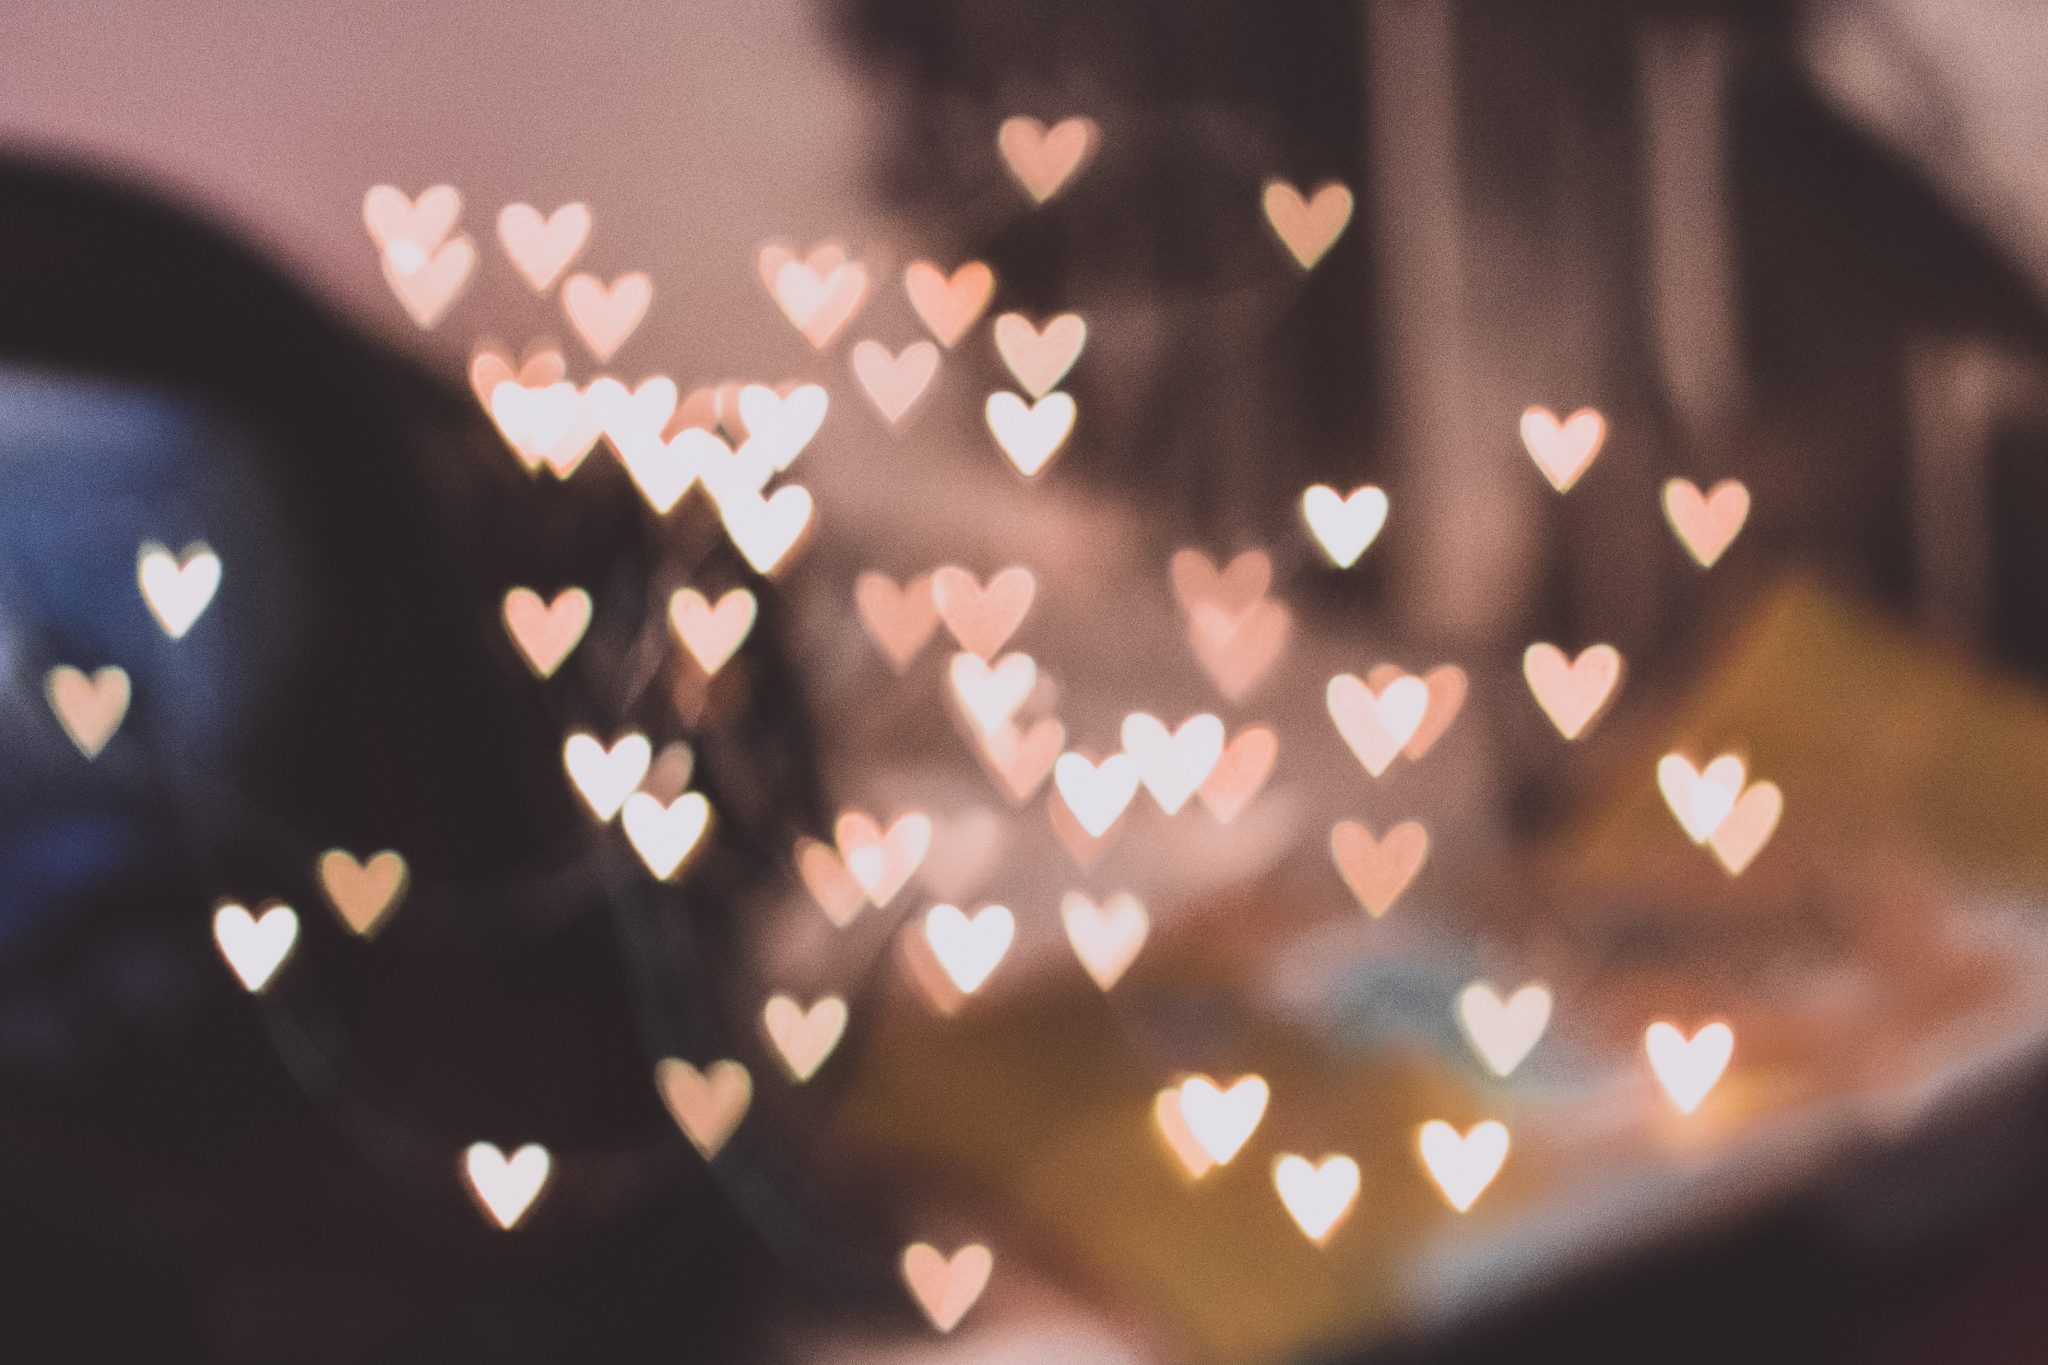 5 cartes d'amour à envoyer pour la Saint-Valentin